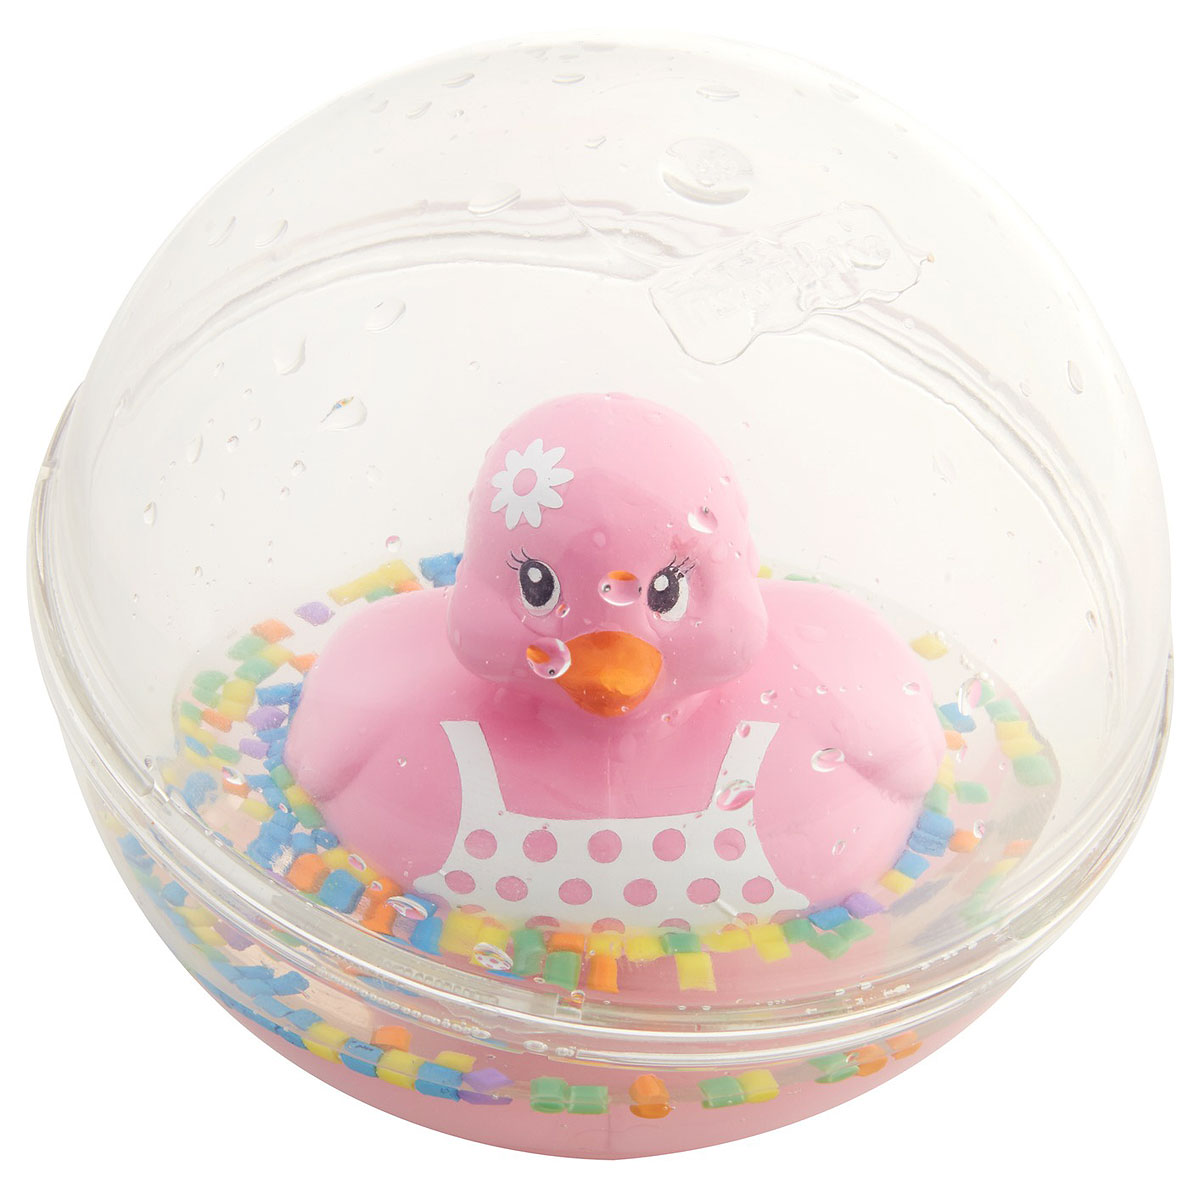 Fisher-Price Развивающая игрушка Уточка цвет розовый развивающая игрушка fisher price мягкая книжка в ассортименте